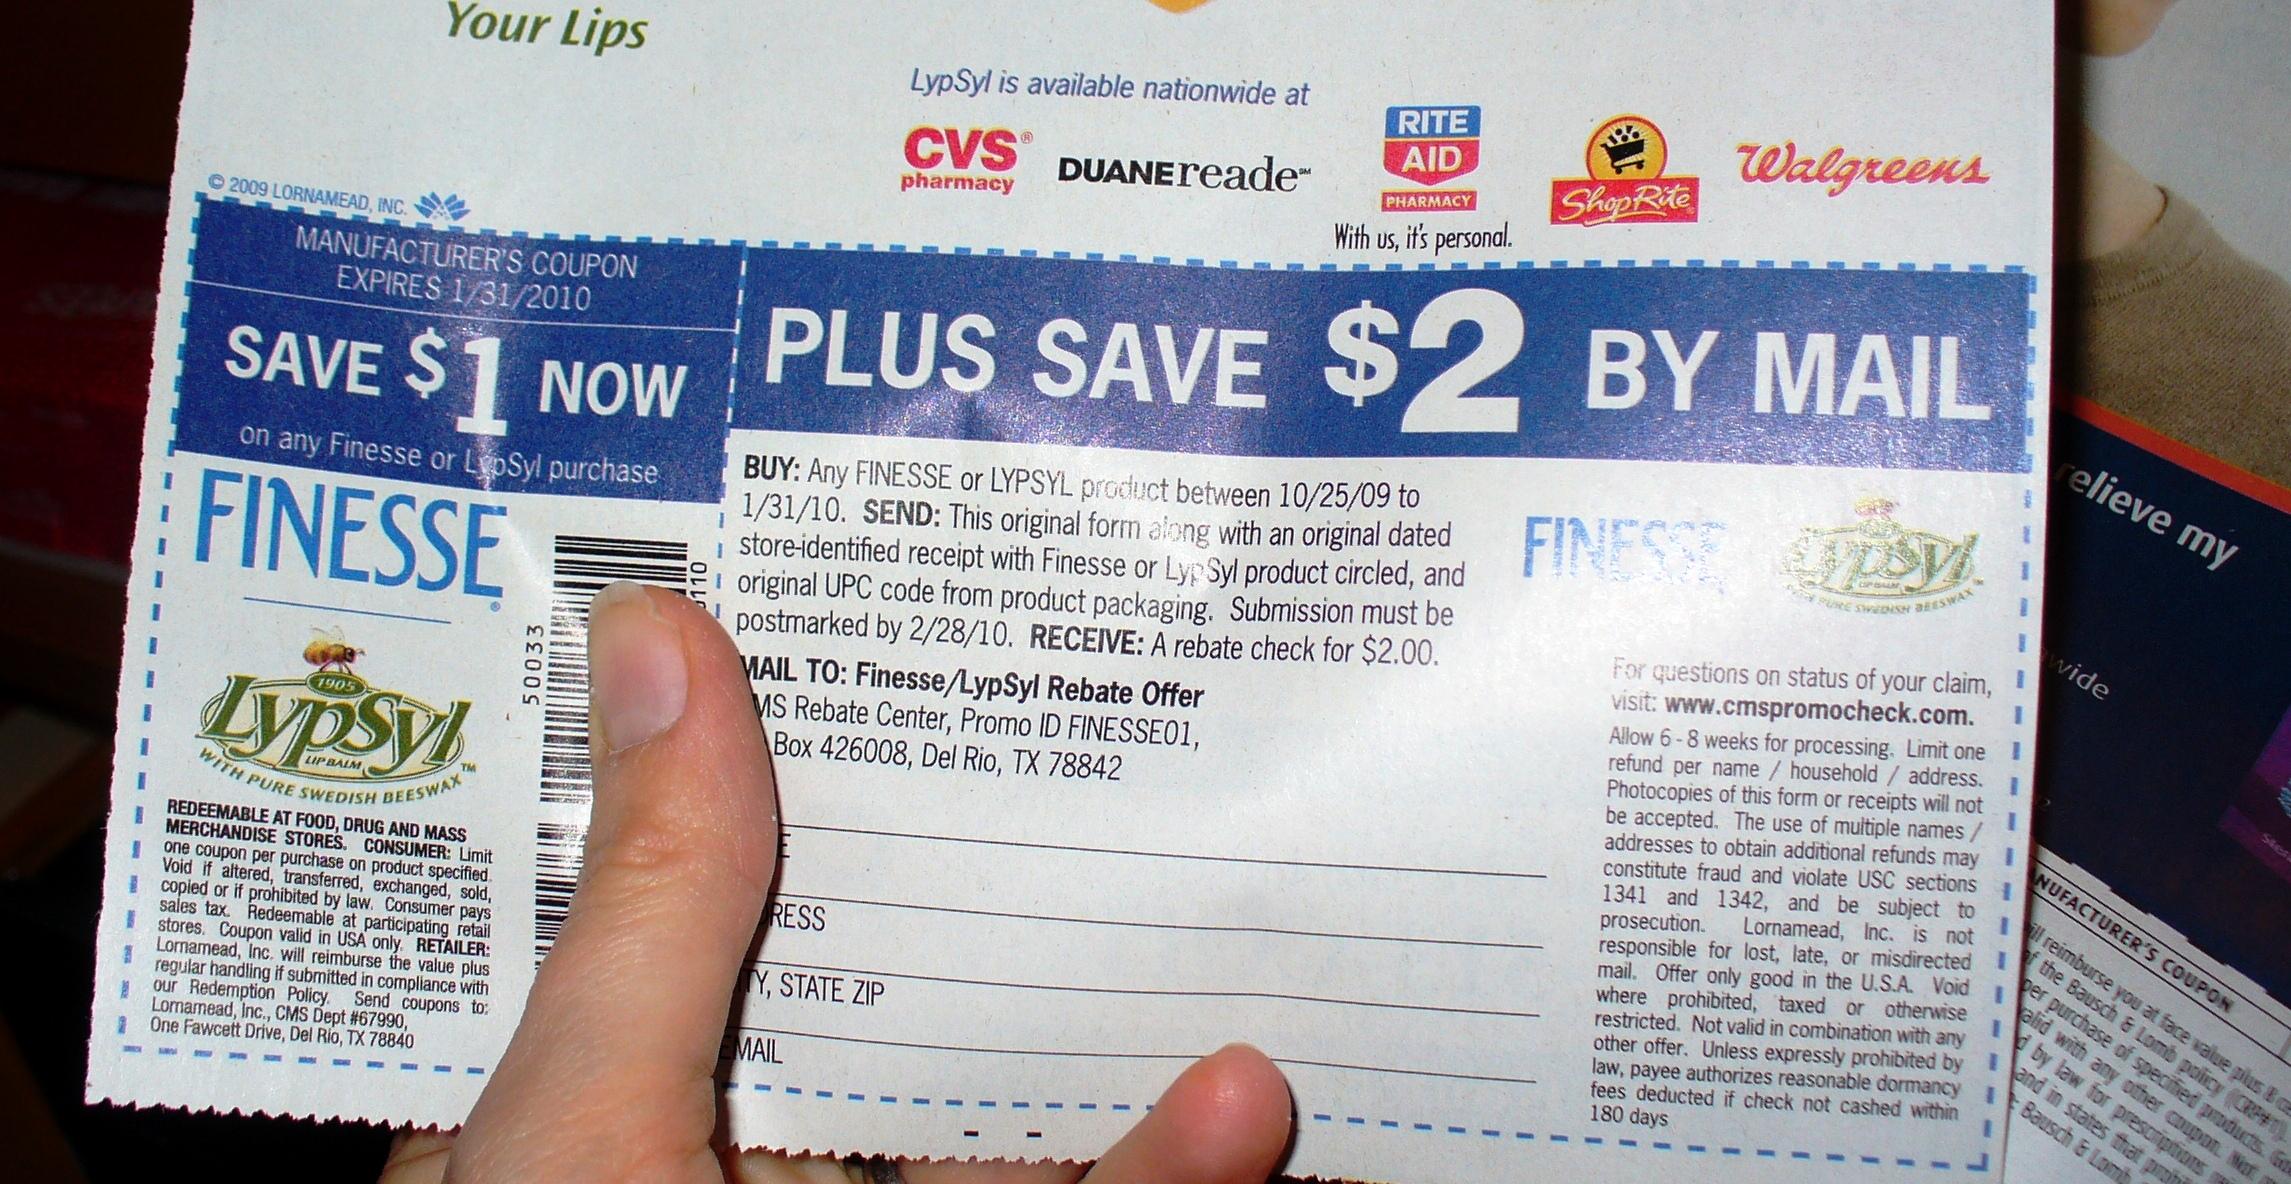 970 coupon